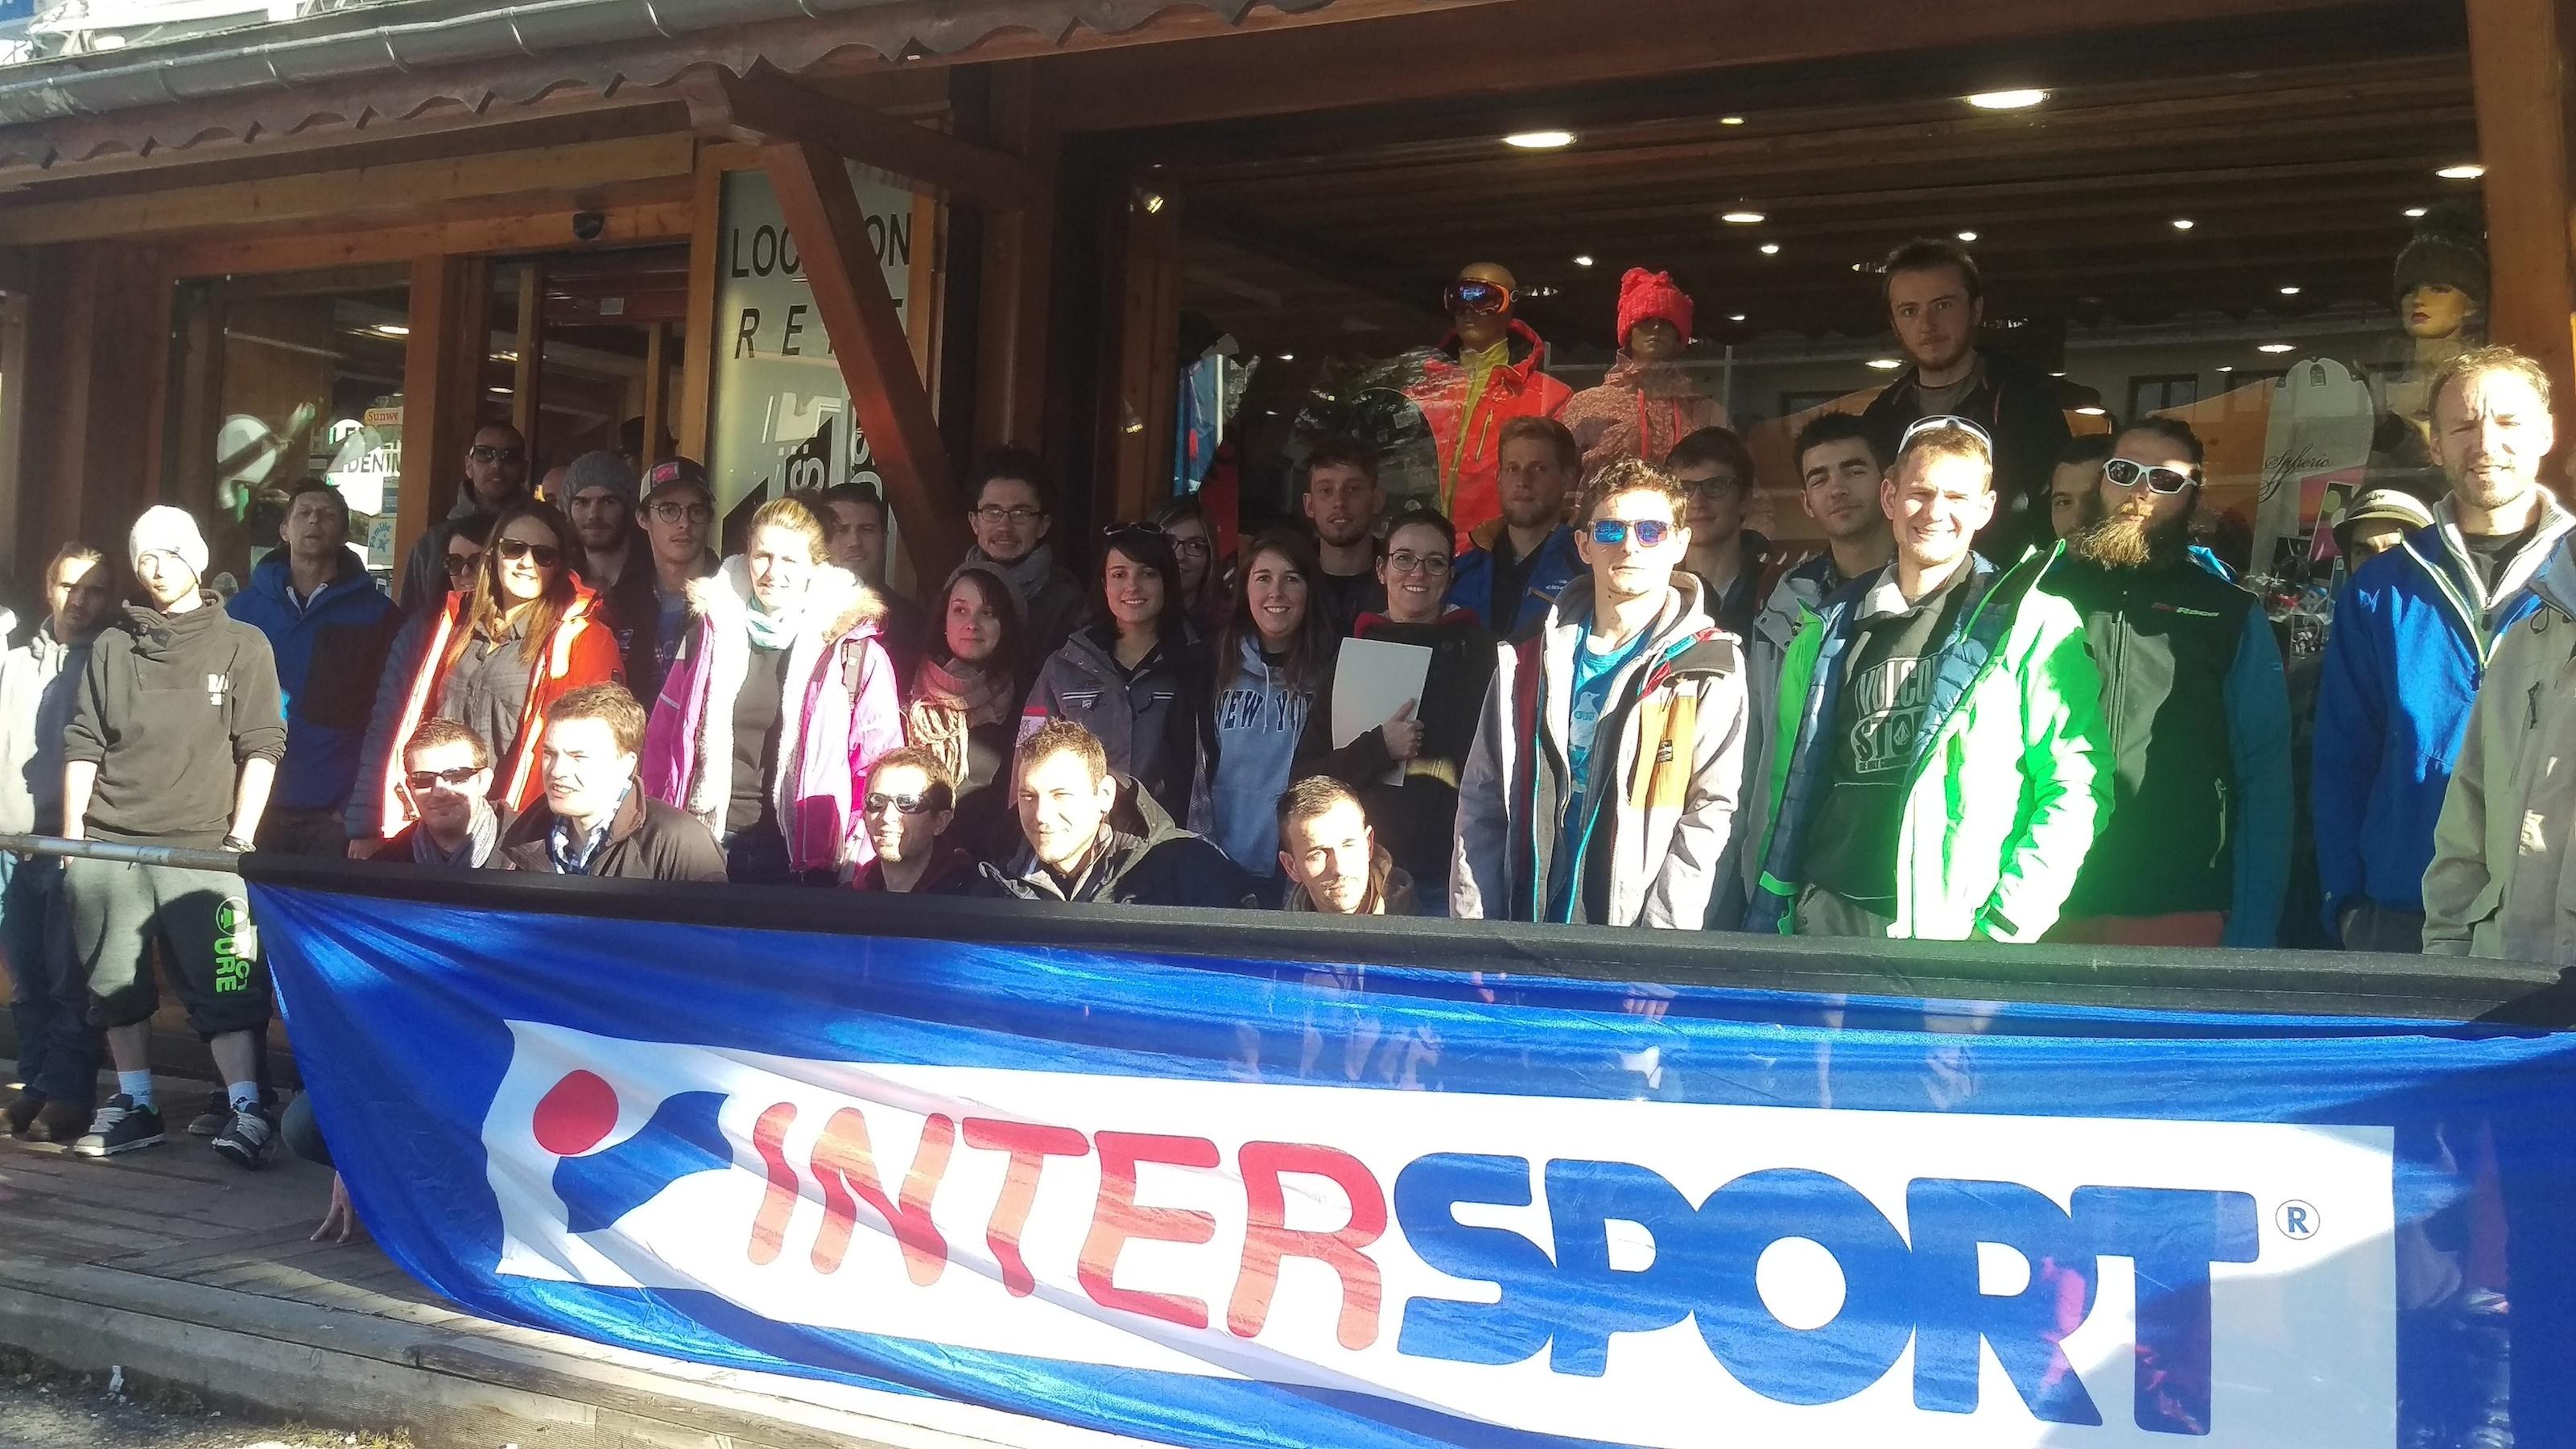 L'équipe des nouveaux skimens d'INTERSPORT pour cette saison - Crédit : Agence SWiTCH